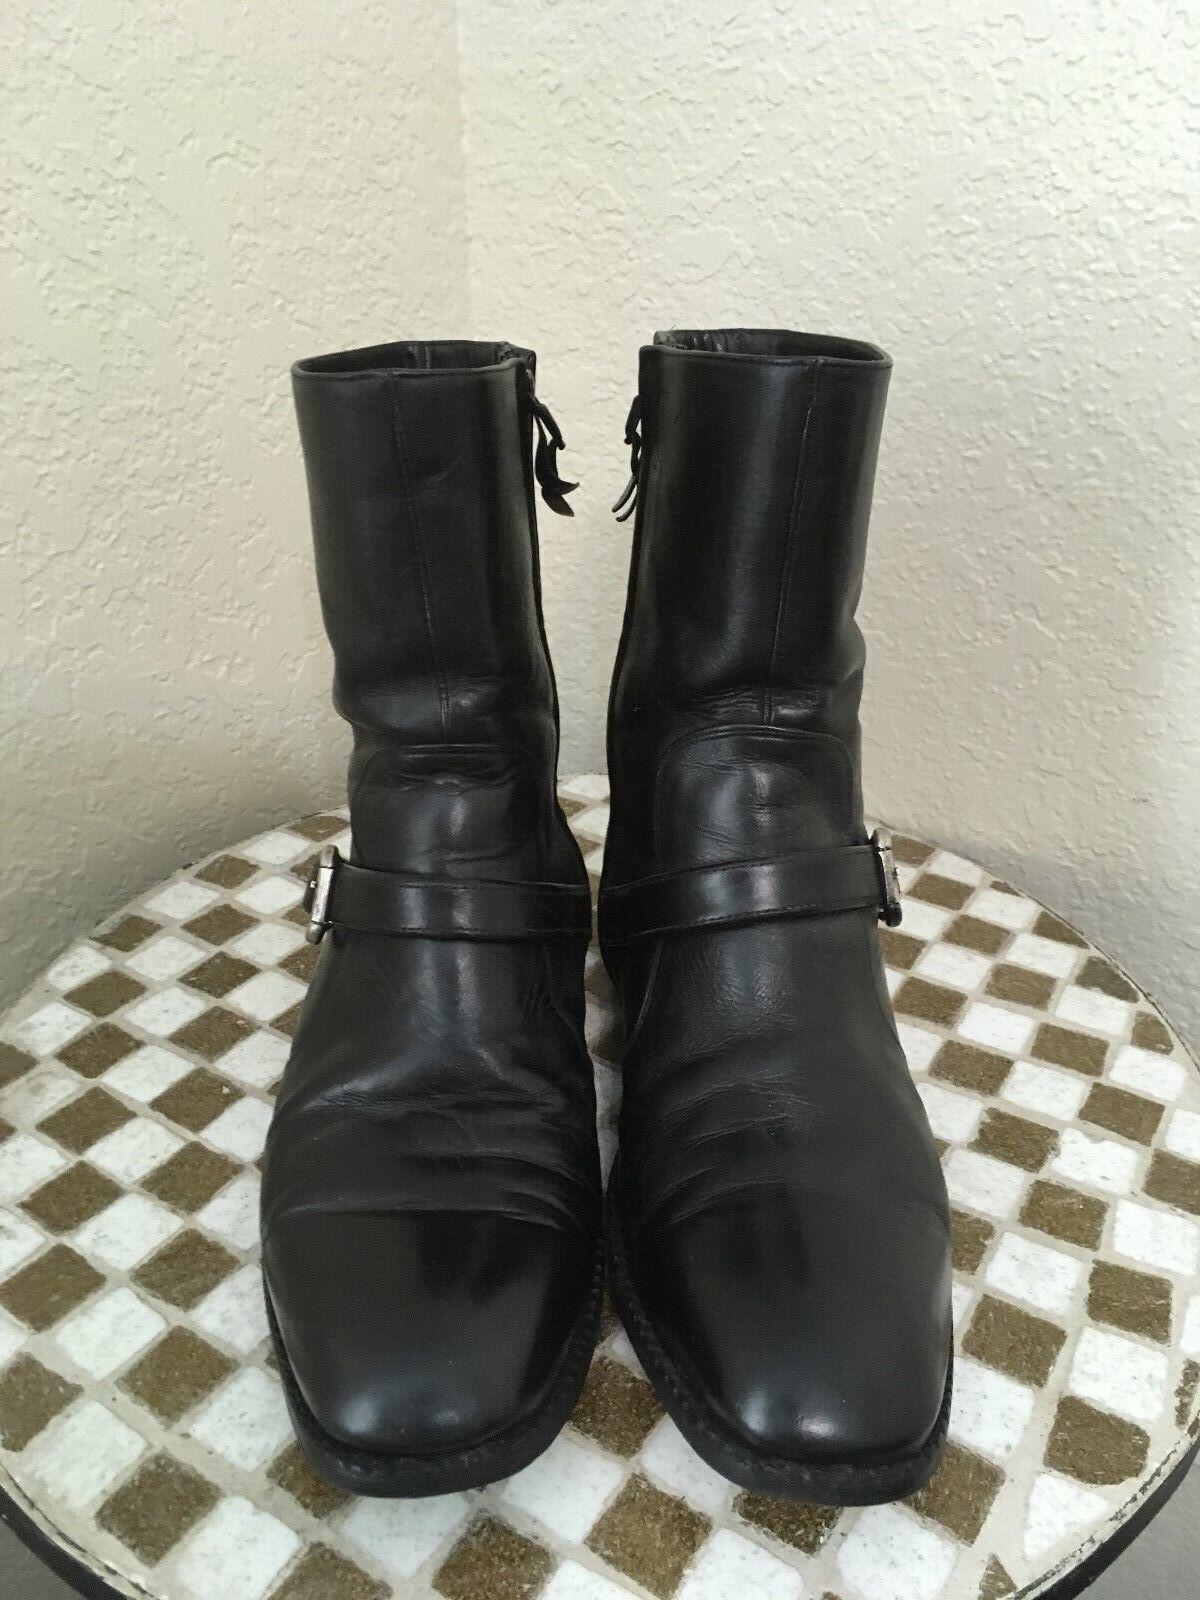 contatore genuino VINTAGE MADE IN FRANCE nero LEATHER ZIP UP BEATLE stivali stivali stivali 8 M  qualità autentica